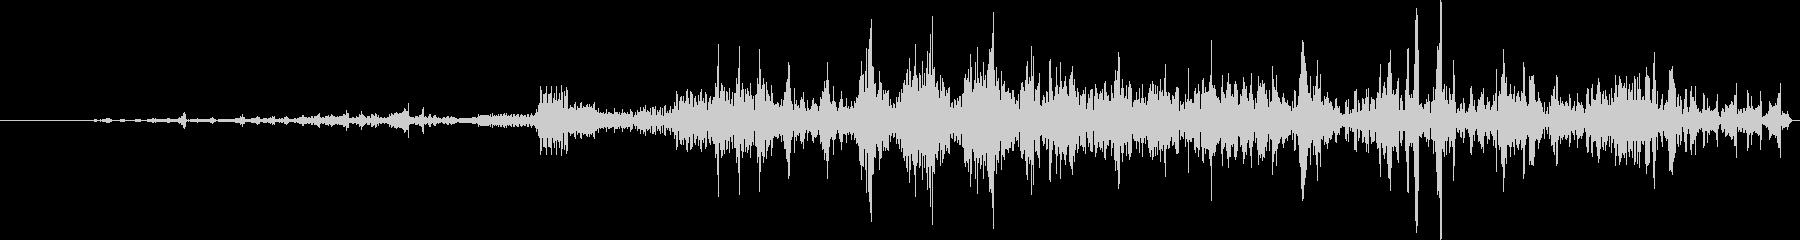 高速デジタルデータ転送3の未再生の波形